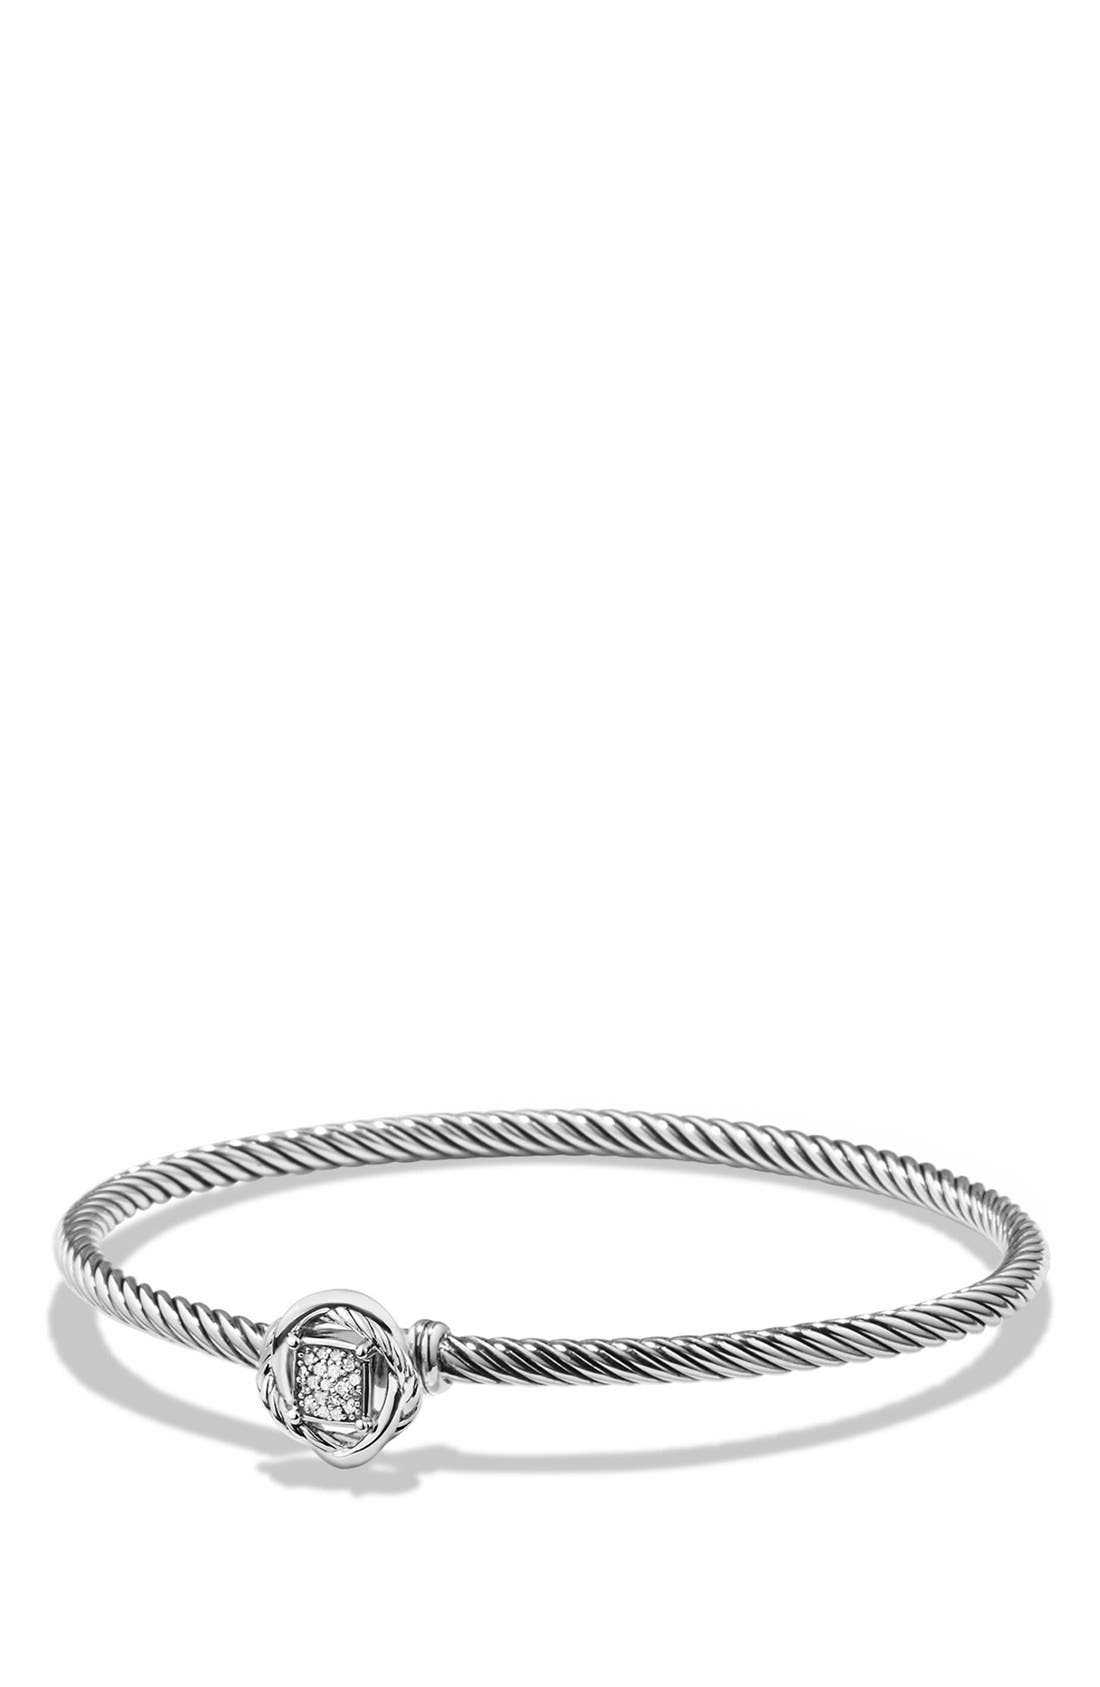 'Infinity' Bracelet with Diamonds,                         Main,                         color, Diamond